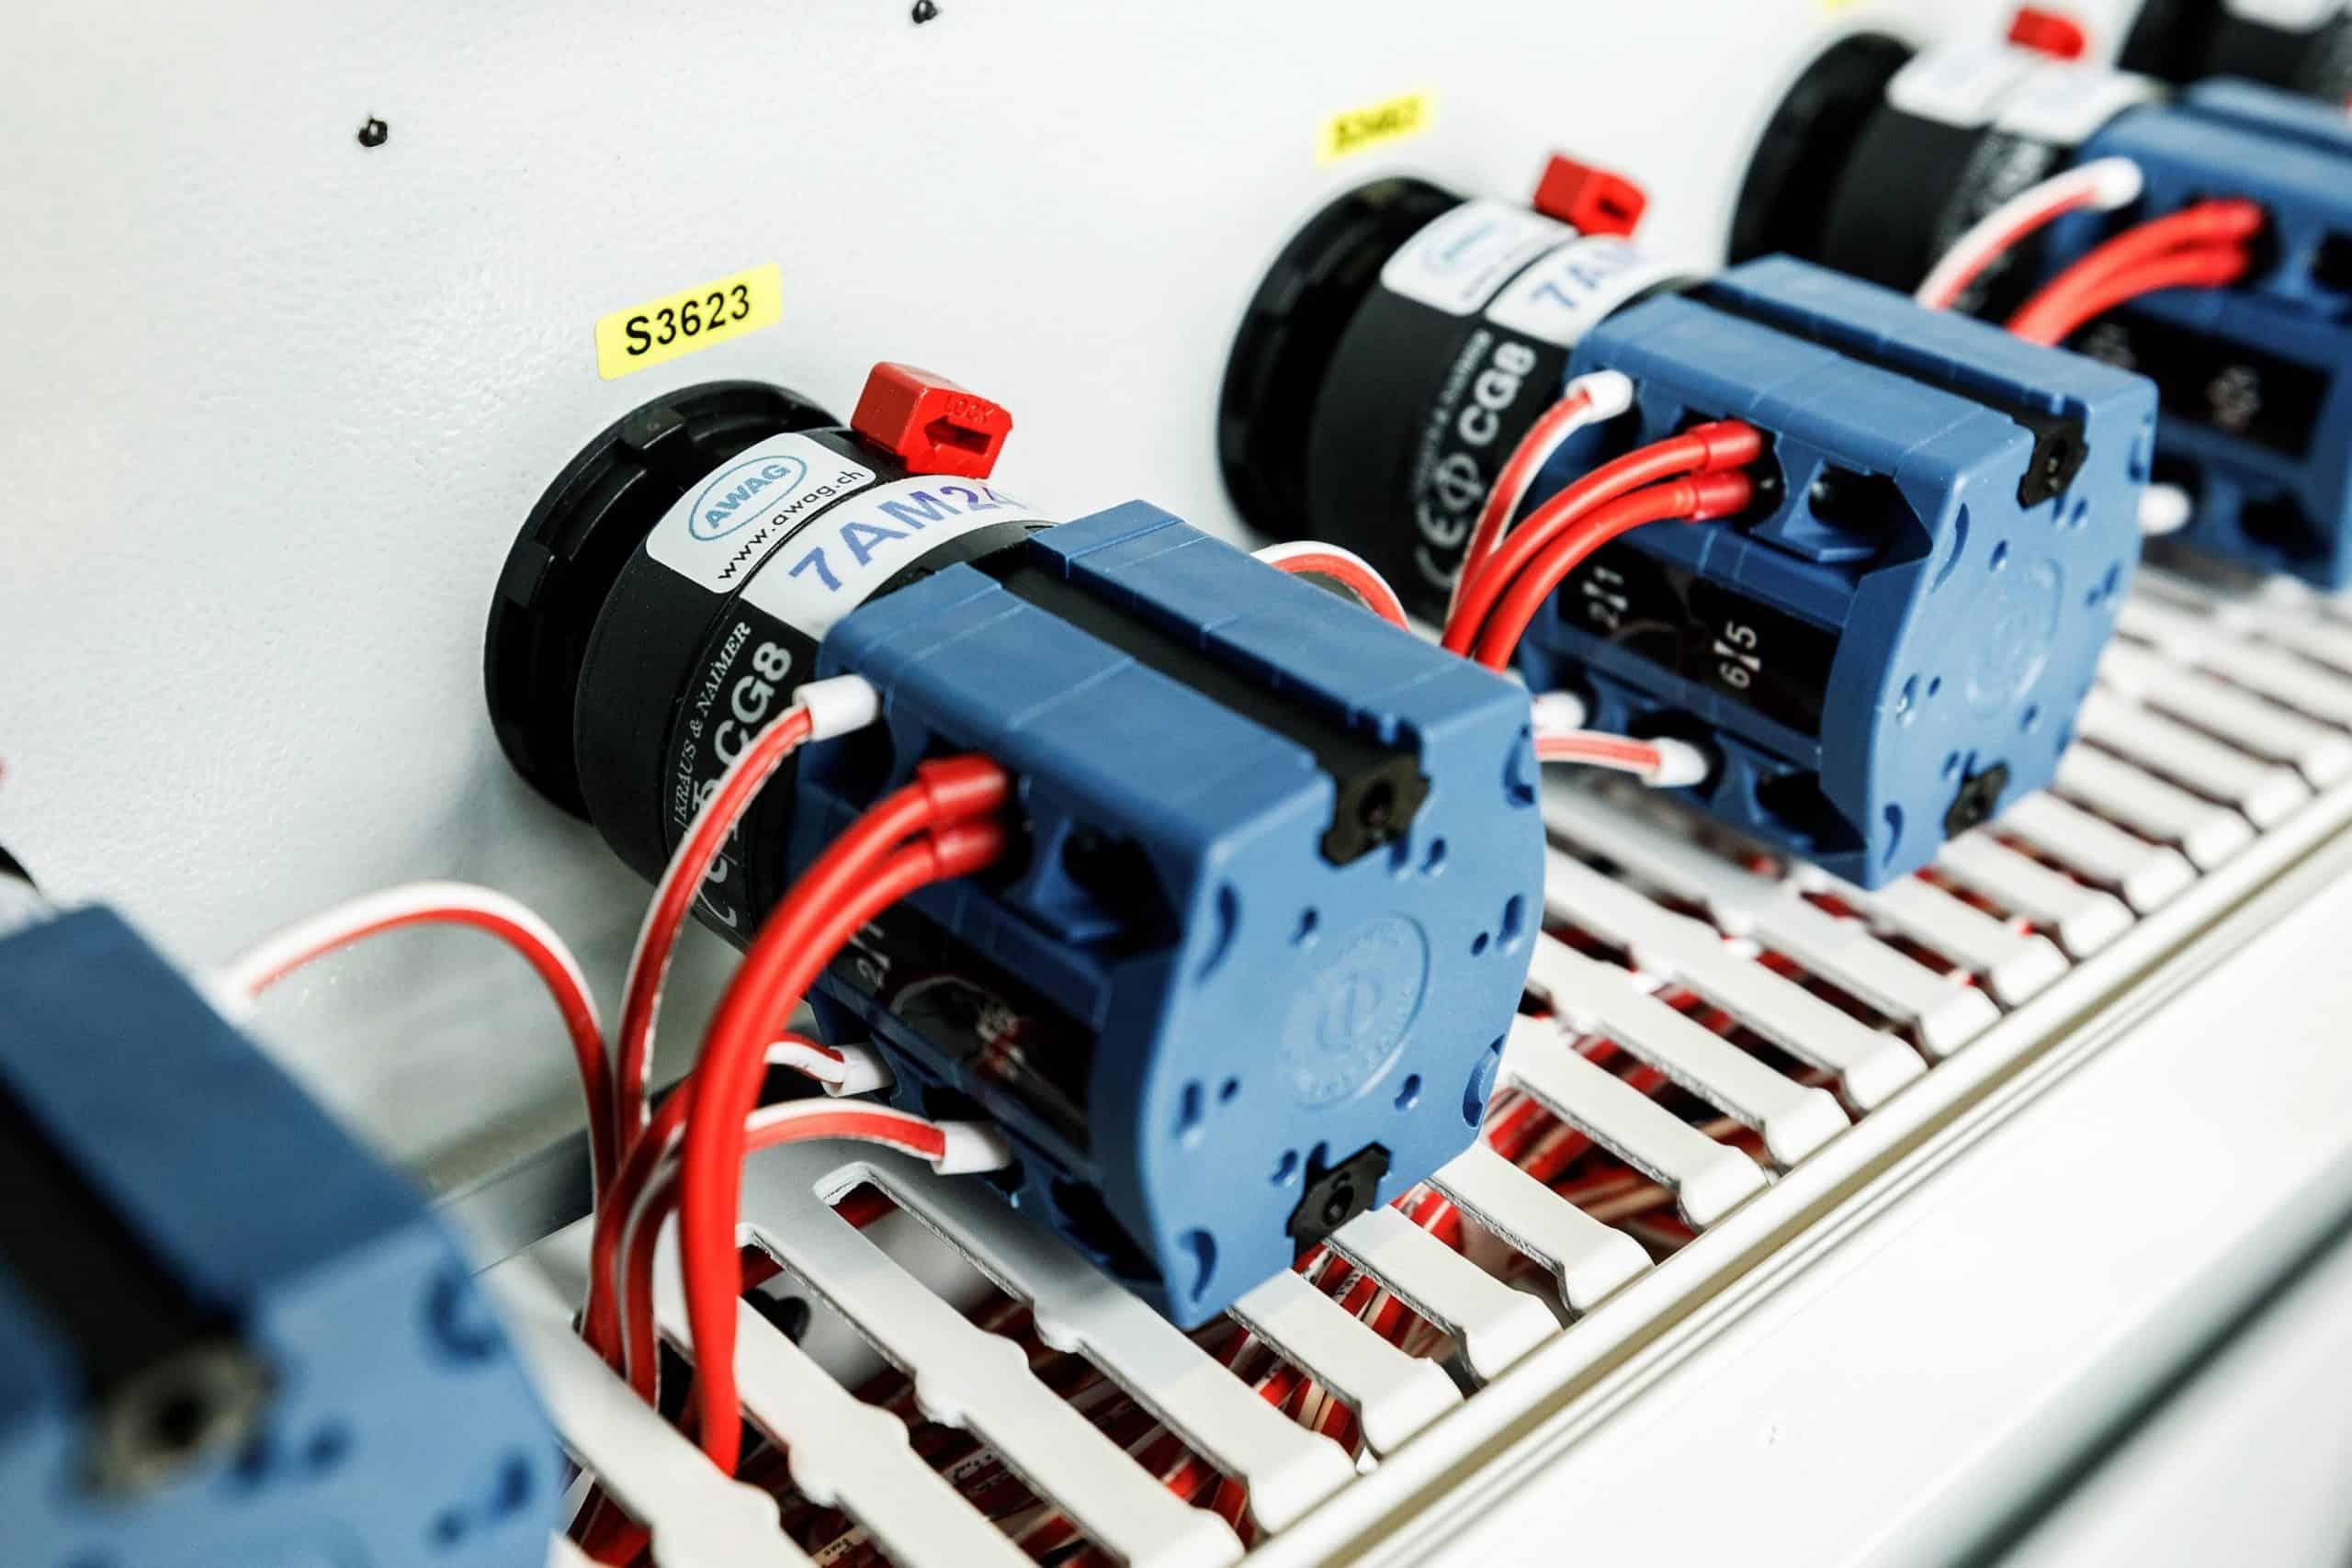 Rauscher & Stoecklin switches